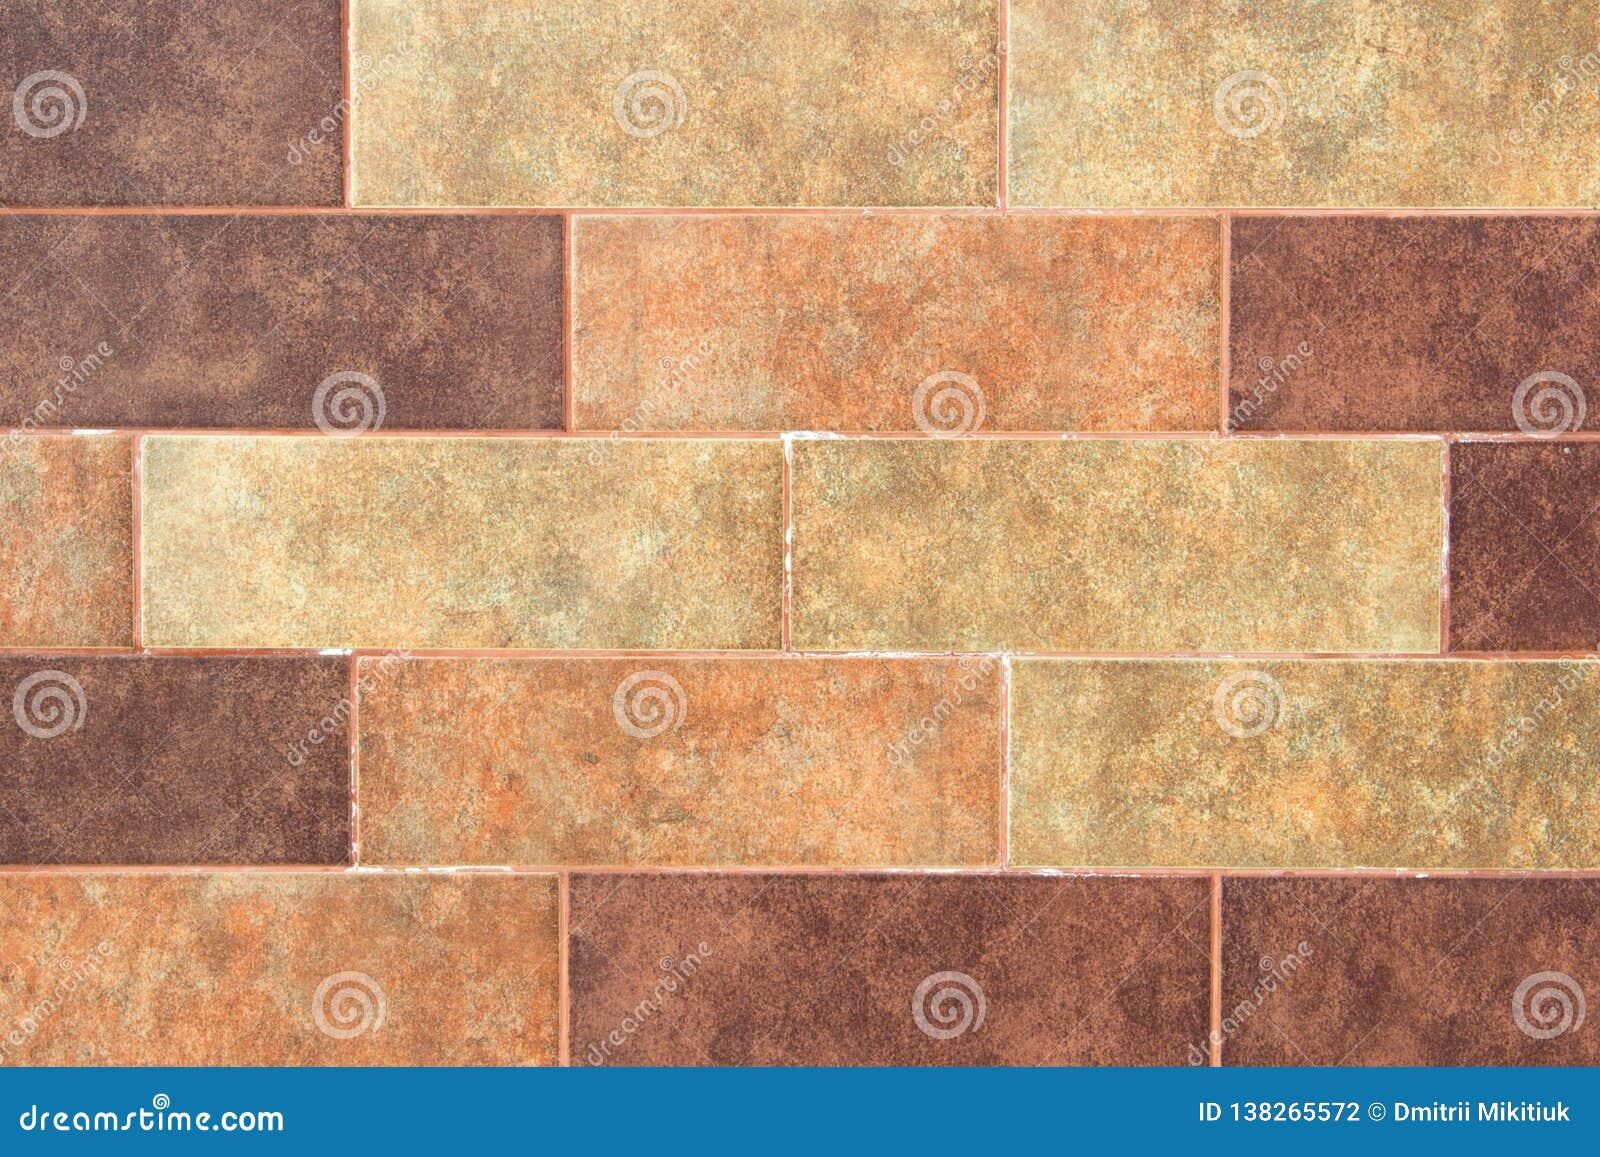 Die Beschaffenheit einer Backsteinmauer der dekorativen mehrfarbigen rechteckigen Ziegelsteine mit Geräuschen, Kratzer